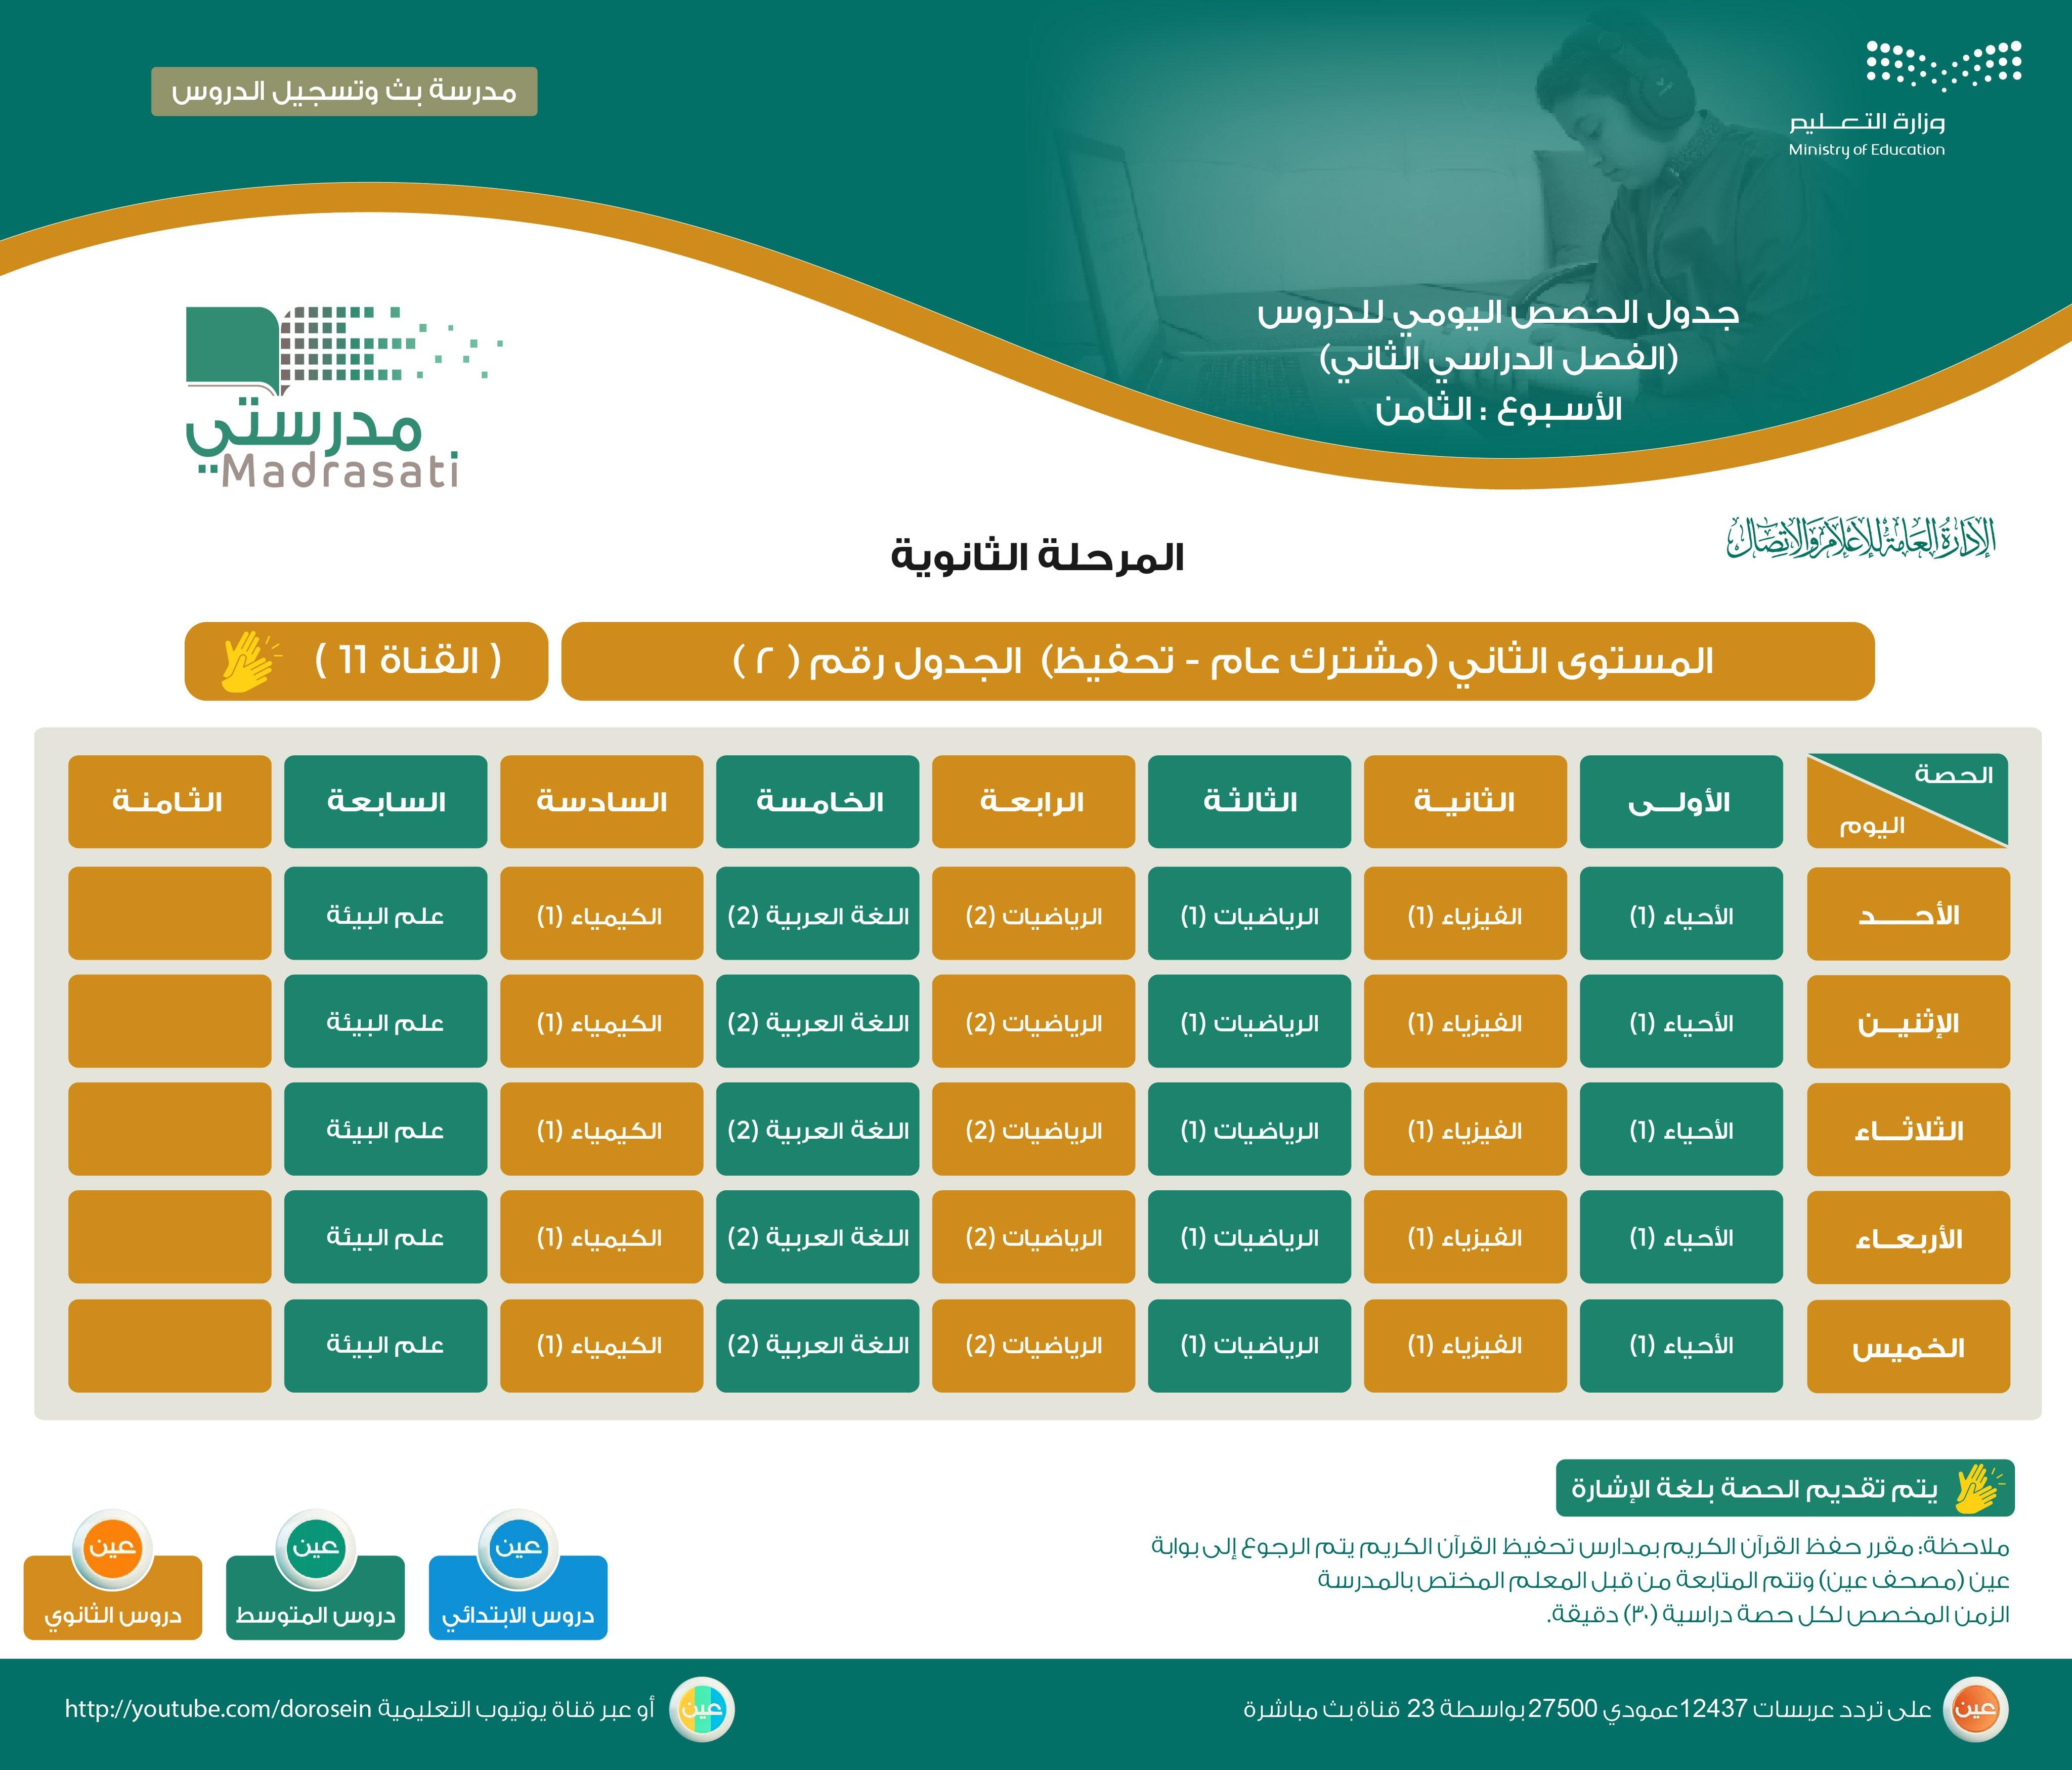 جدول المستوى الثاني ( مشترك عام، تحفيظ)